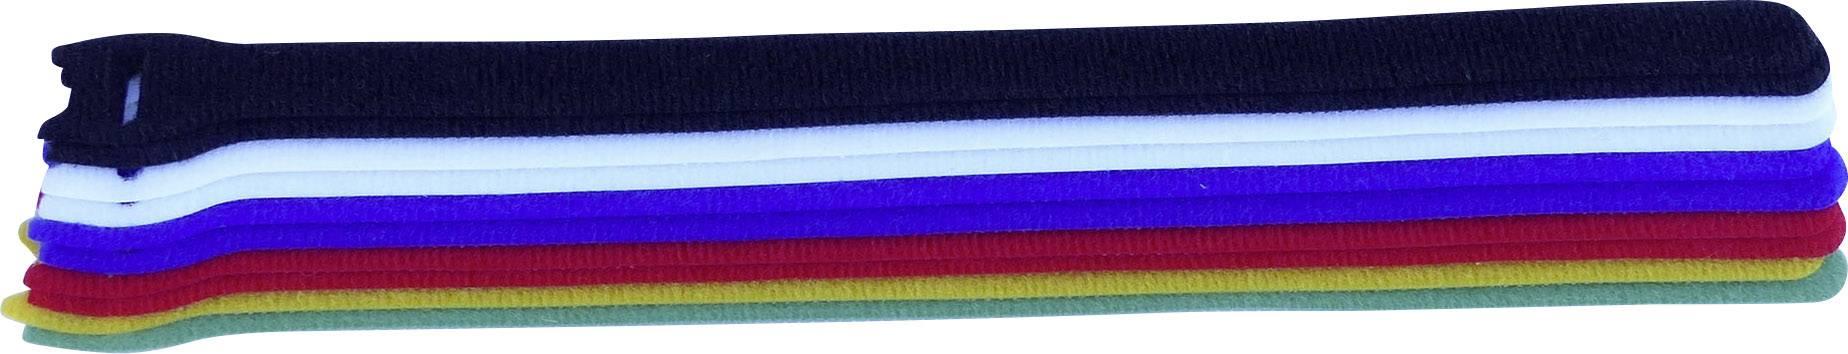 Káblový manažér na suchý zips TRU COMPONENTS 804-06-Bag, (d x š) 250 mm x 13 mm, farebná, 10 ks